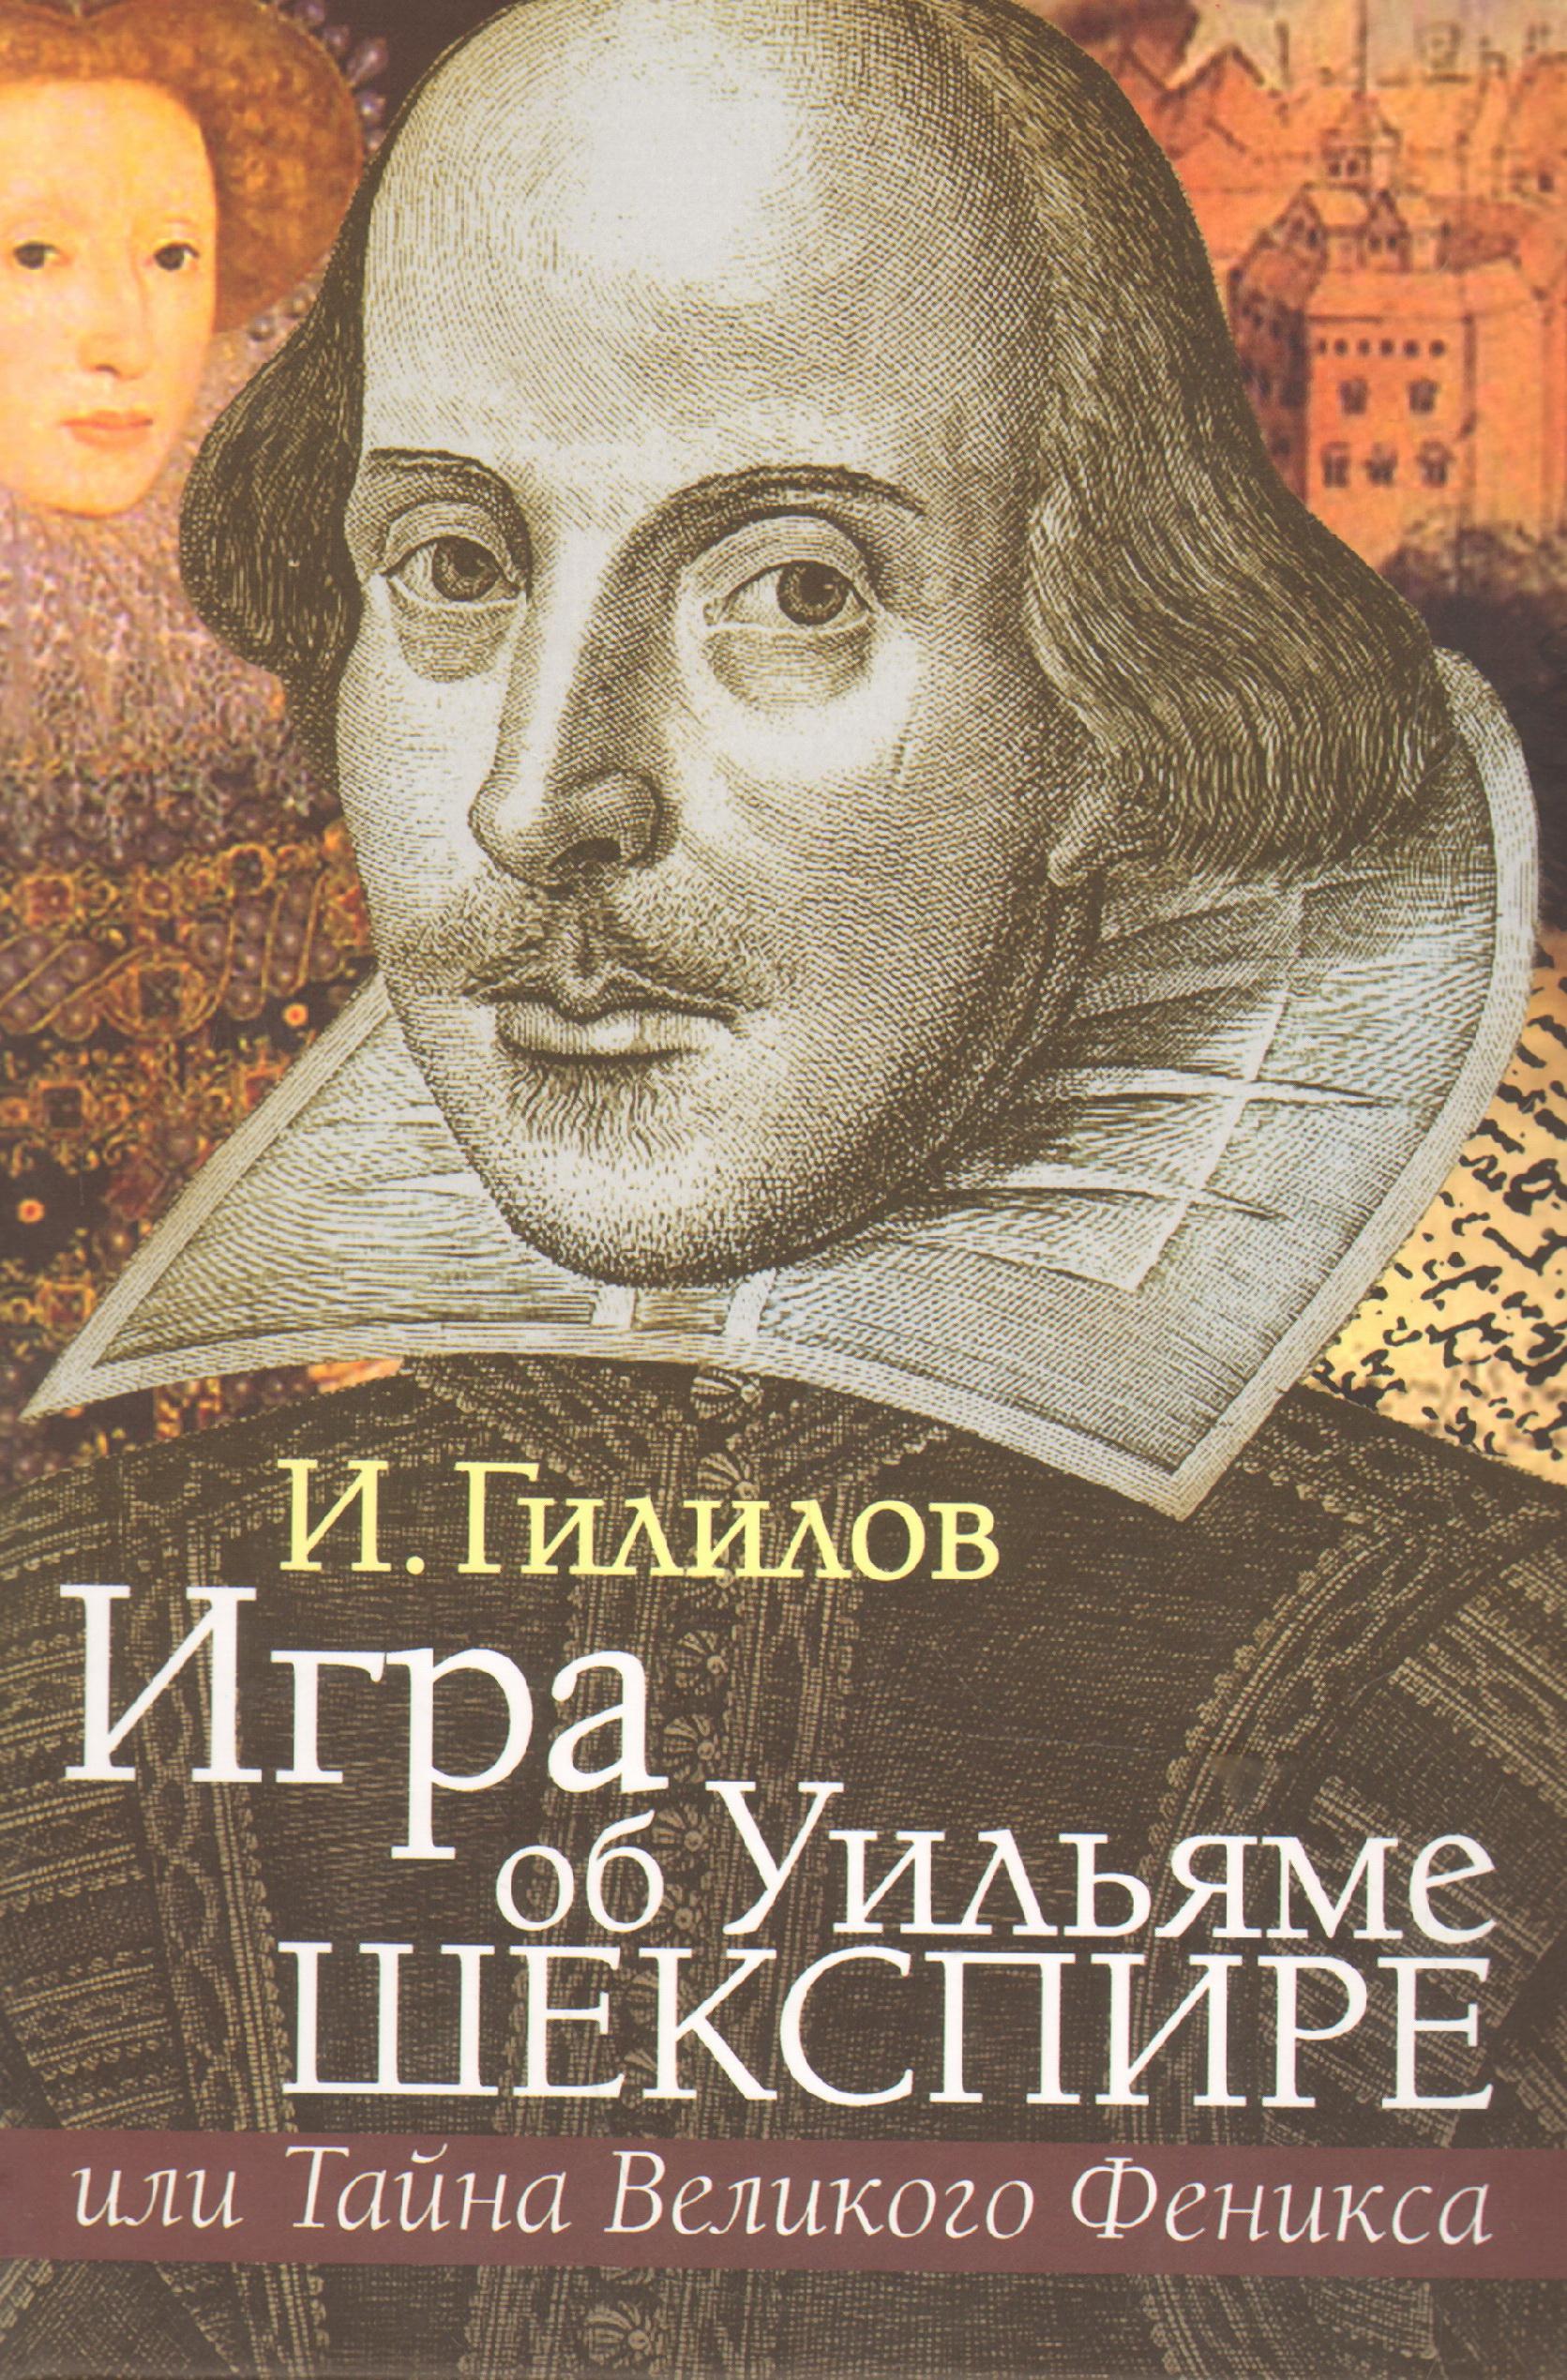 Игра об Уильяме Шекспире, или Тайна Великого Феникса.   И.М. Гилилов. - 3-e изд., доп.